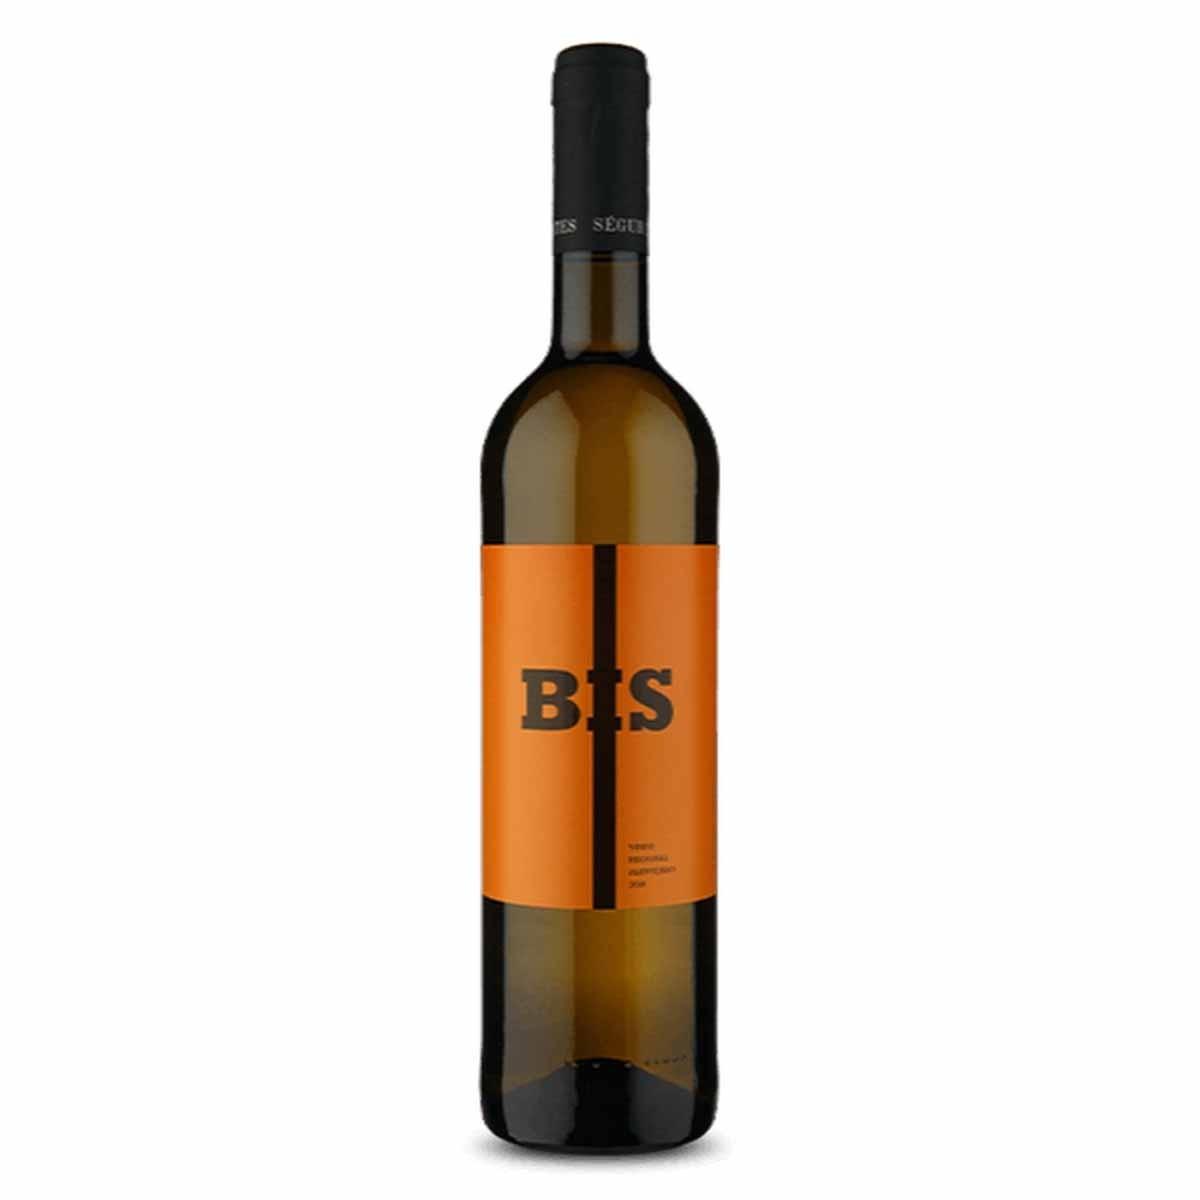 Vinho Branco Português Bis Regional Alentejano 2018